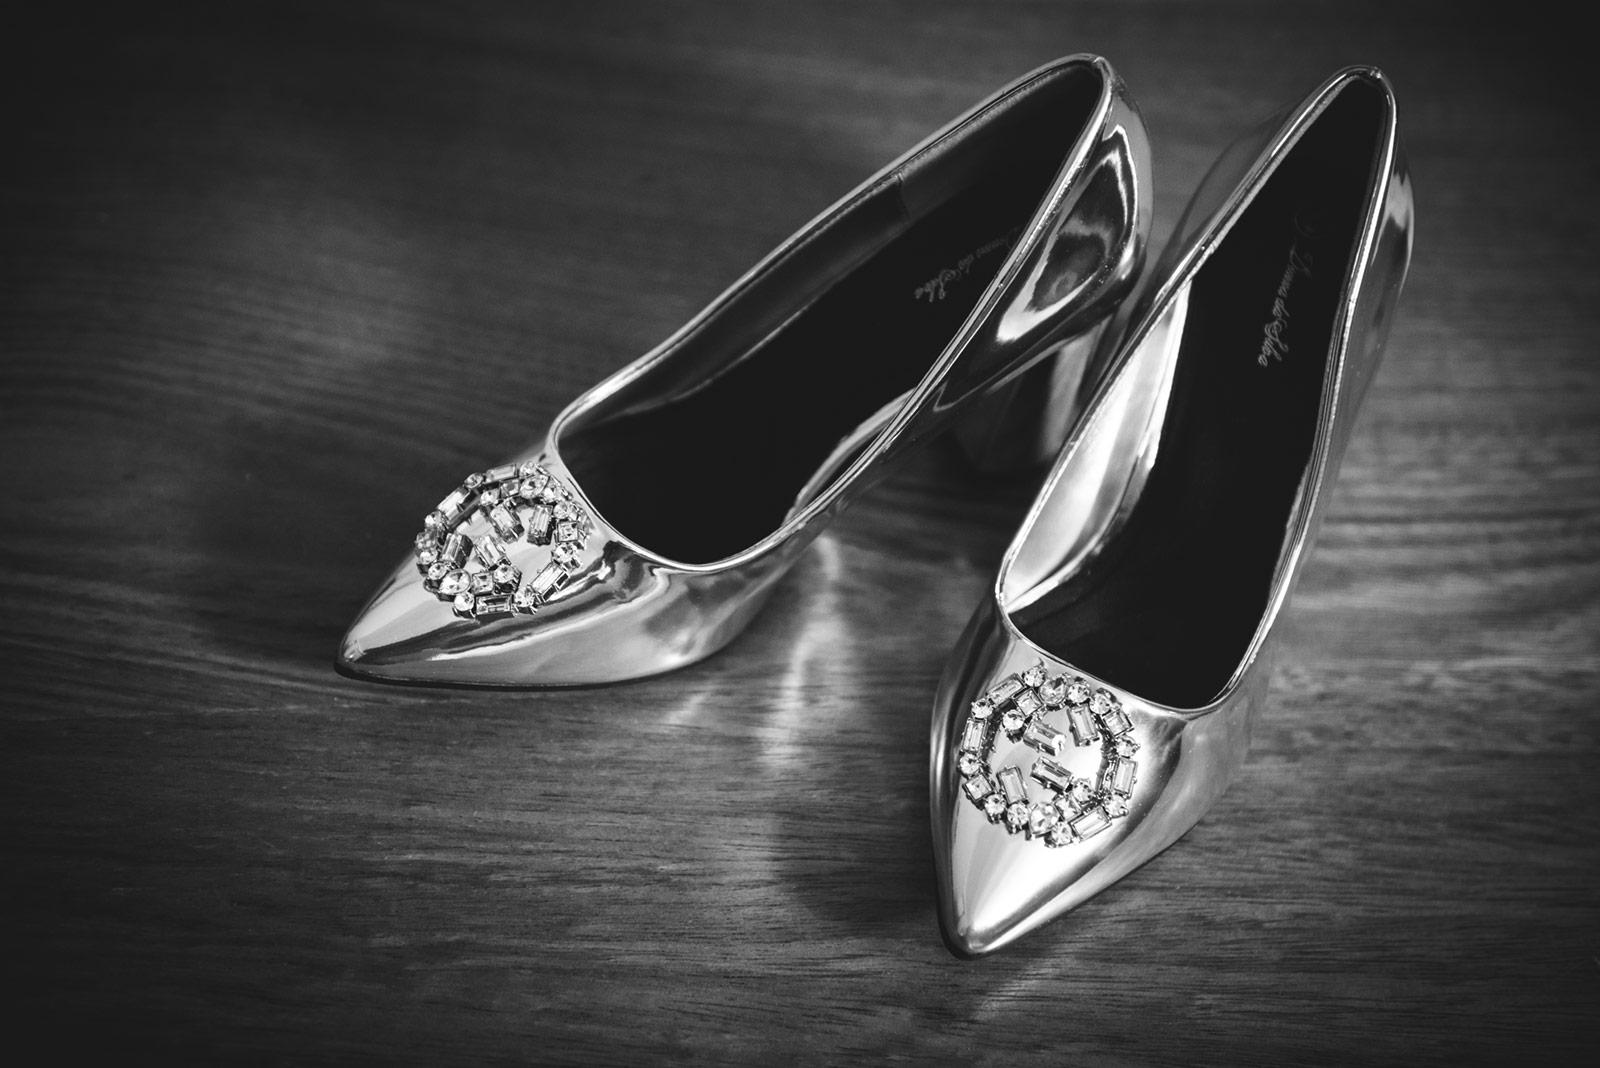 Foto de zapatos de novia para boda en Santo Domingo Republica Dominicana